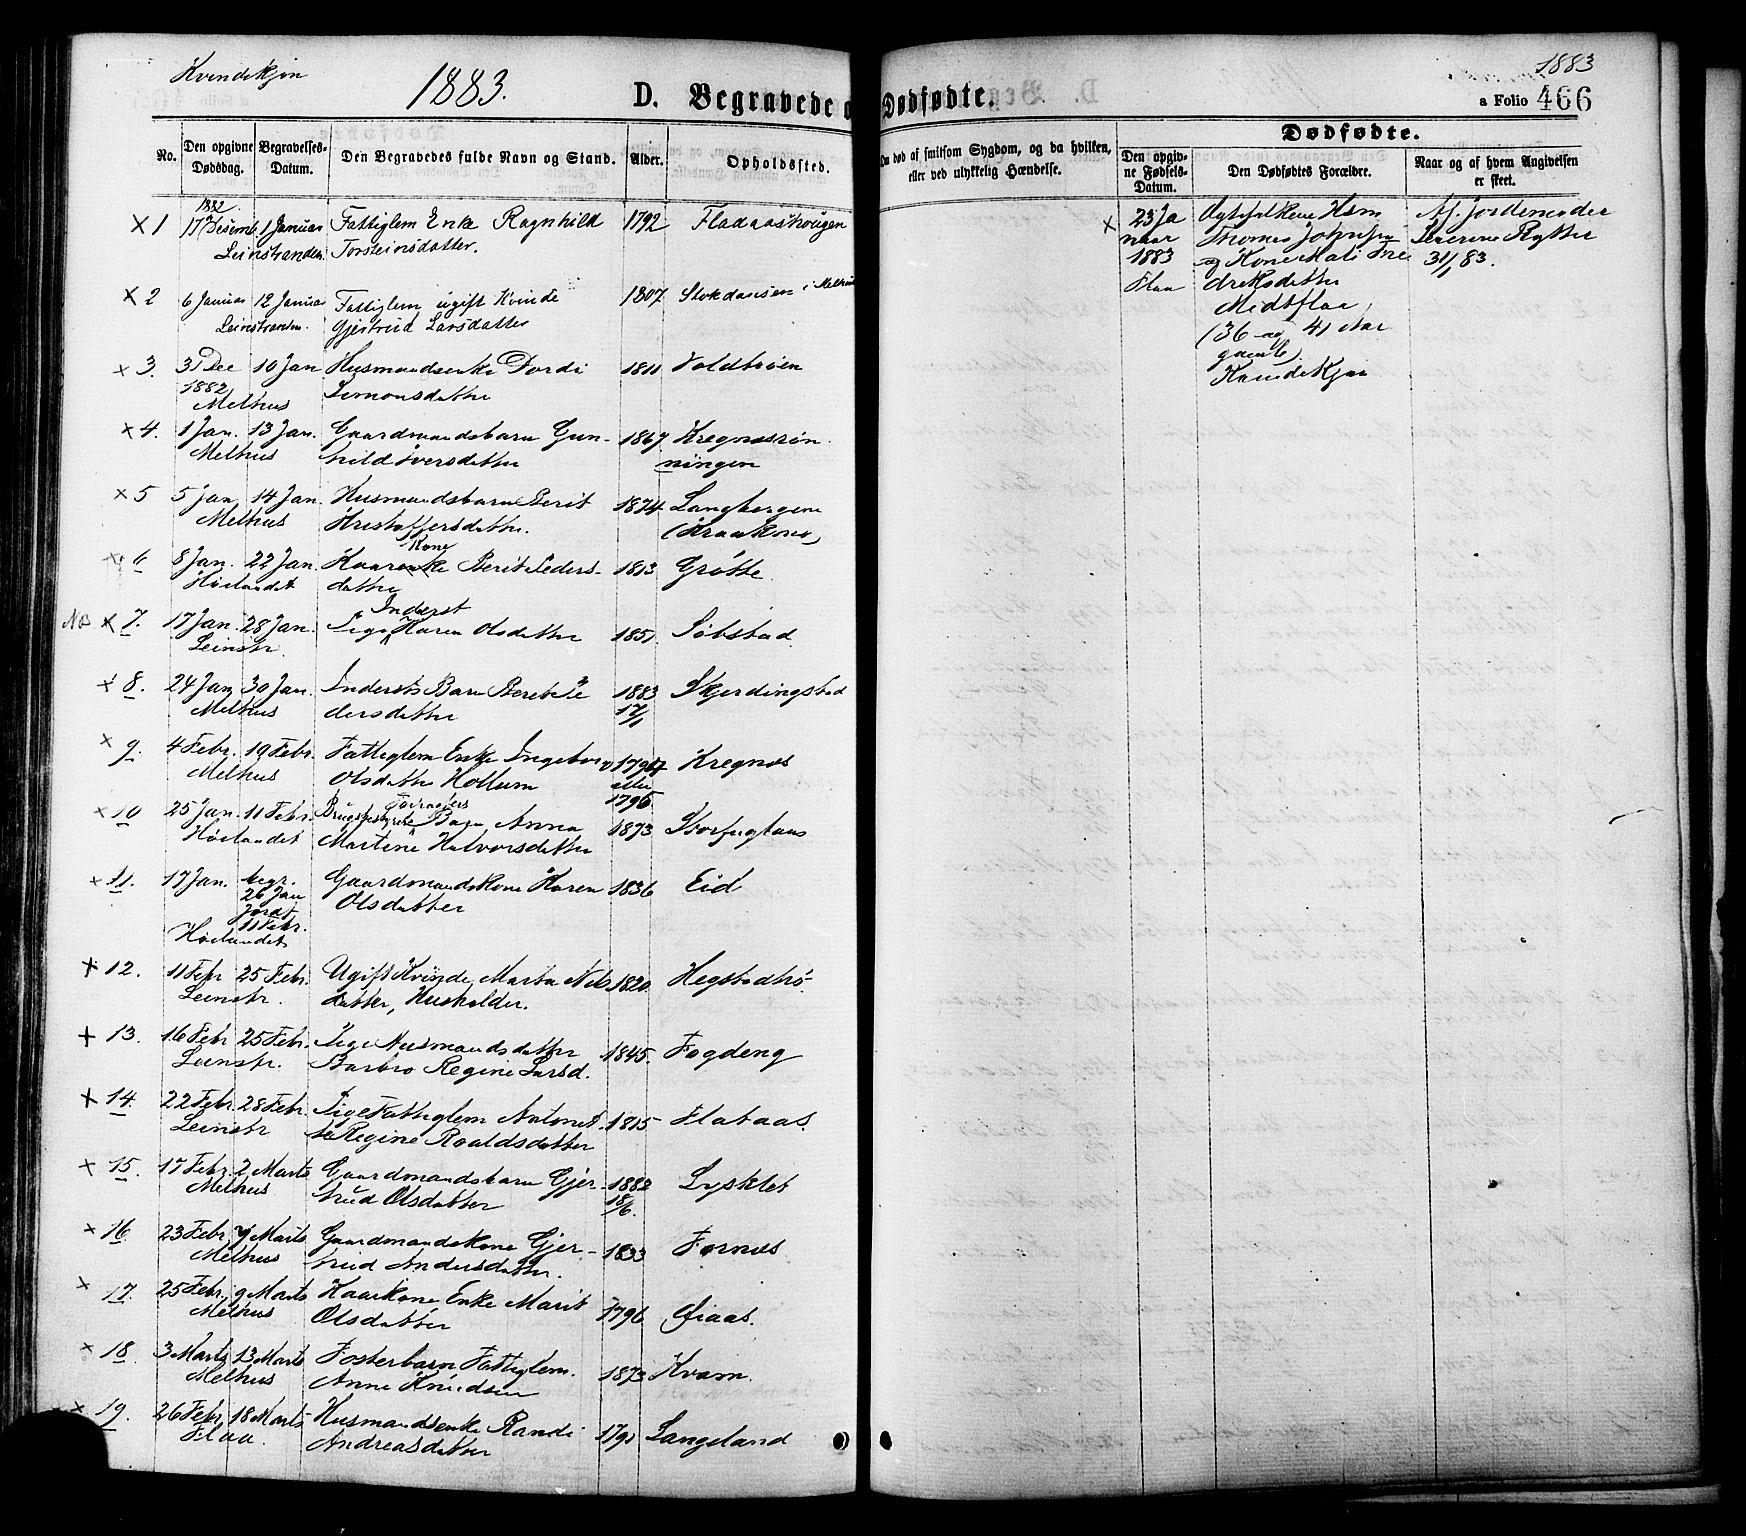 SAT, Ministerialprotokoller, klokkerbøker og fødselsregistre - Sør-Trøndelag, 691/L1079: Ministerialbok nr. 691A11, 1873-1886, s. 466